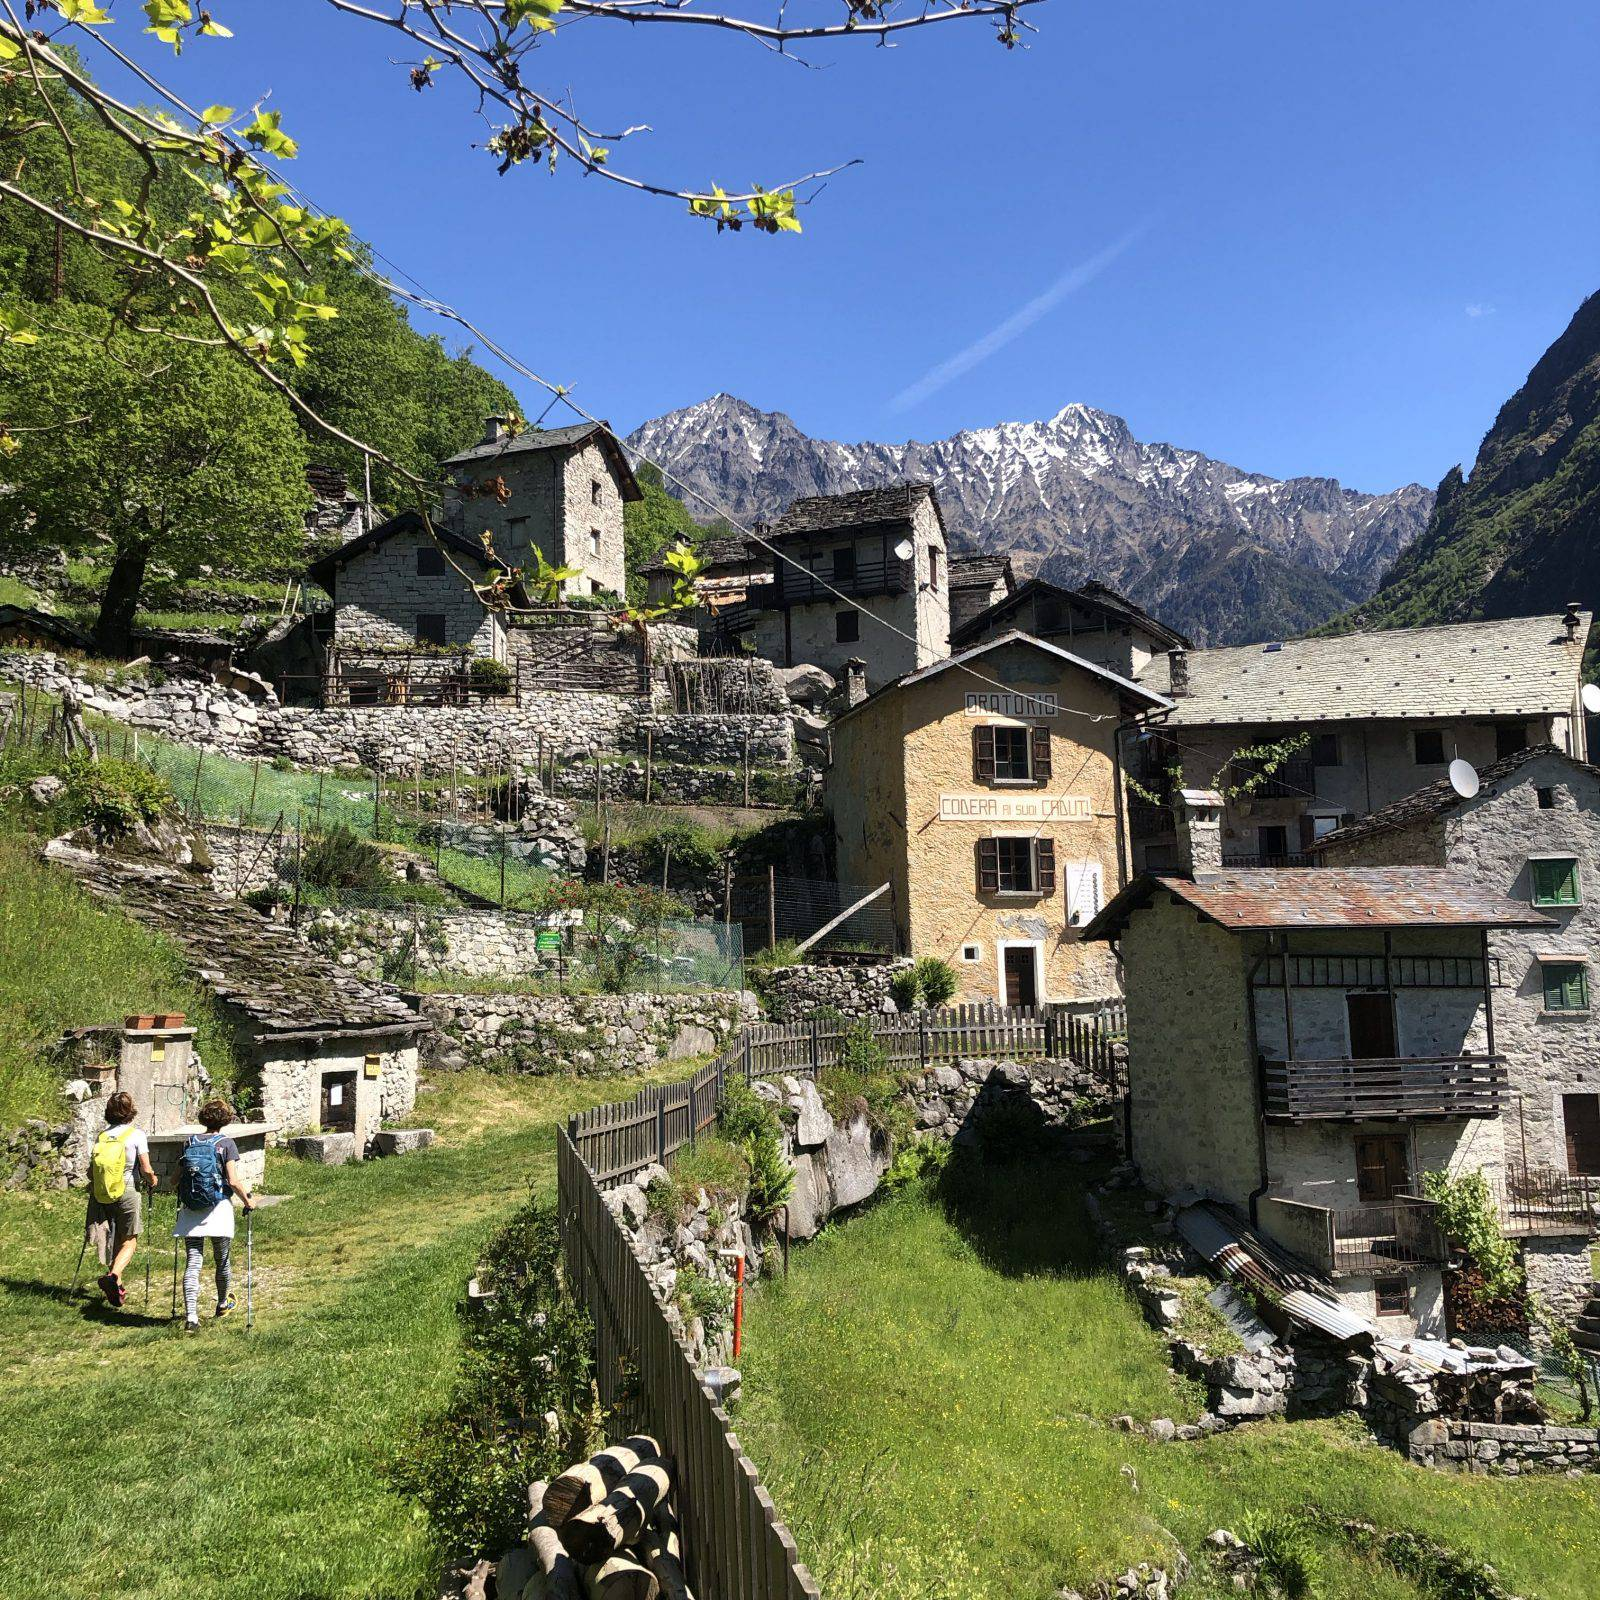 Il borgo di Codera, senza accesso stradale, abitato tutto l'anno da pochi nuclei familiari